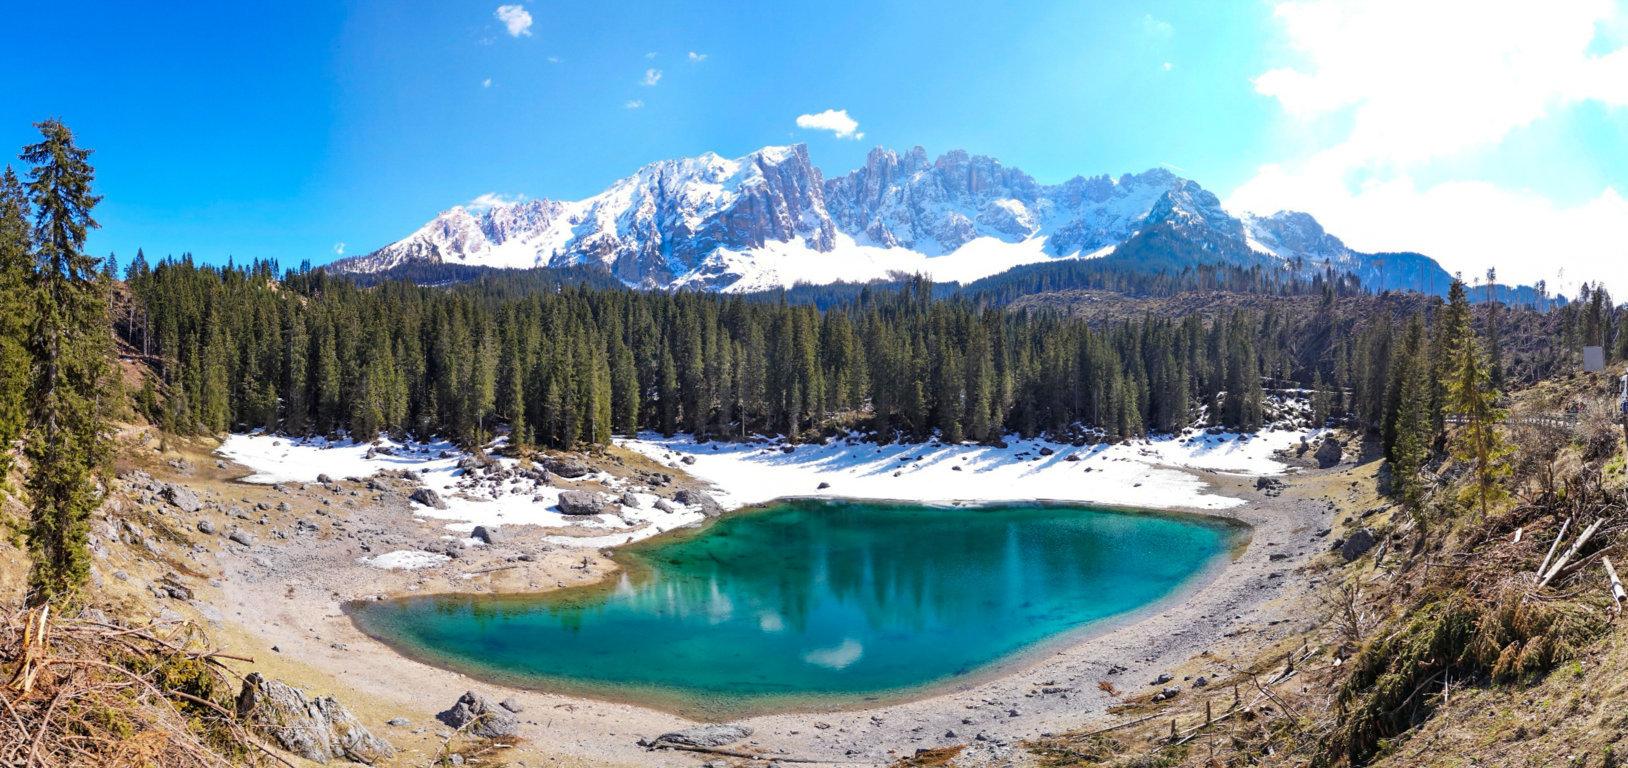 Lago-di-Carezza-5-laghi-da-non-perdere-in-Trentino-Alto-Adige